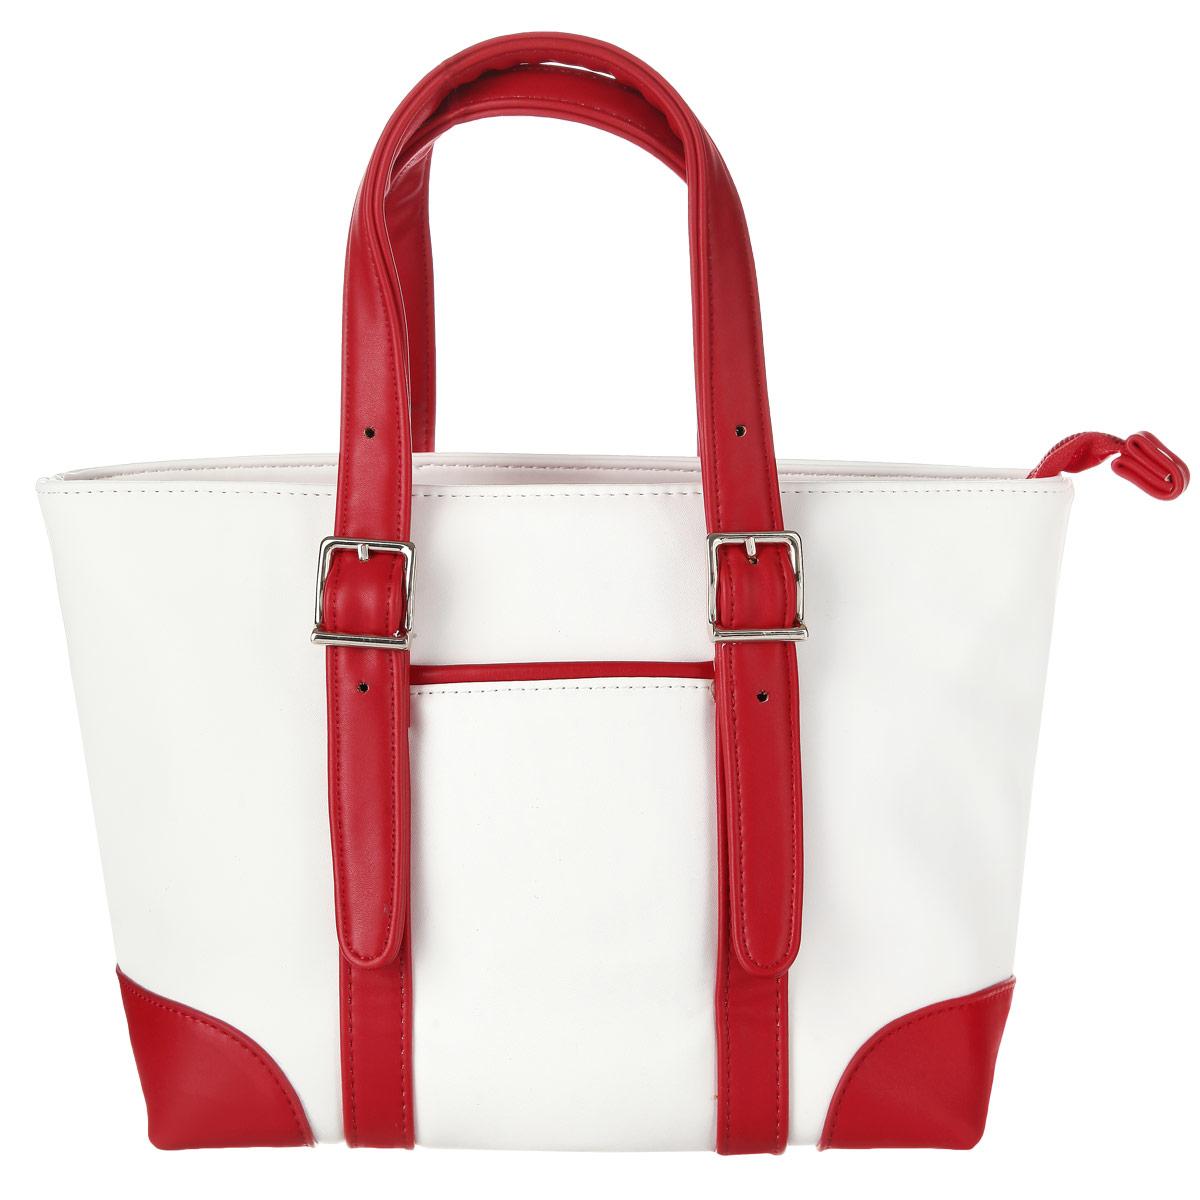 Сумка женская Leighton, цвет: белый, красный. 550265-082550265-082/101/082/22 белИзысканная женская сумка Leighton выполнена из высококачественной искусственной кожи. Сумка закрывается на застежку-молнию. Внутри одно отделение, разделенное карманом-средником на застежке-молнии, также есть два накладных кармашка для мелочей и телефона и врезной карман на застежке-молнии. Ручки сумки крепятся на металлическую фурнитуру. Внешняя сторона дополнена не большим открытым кармашком. В комплекте чехол для хранения. Яркий дизайн сумки, сочетающий классические формы с оригинальным оформлением, позволит вам подчеркнуть свою индивидуальность и сделает ваш образ изысканным и завершенным.